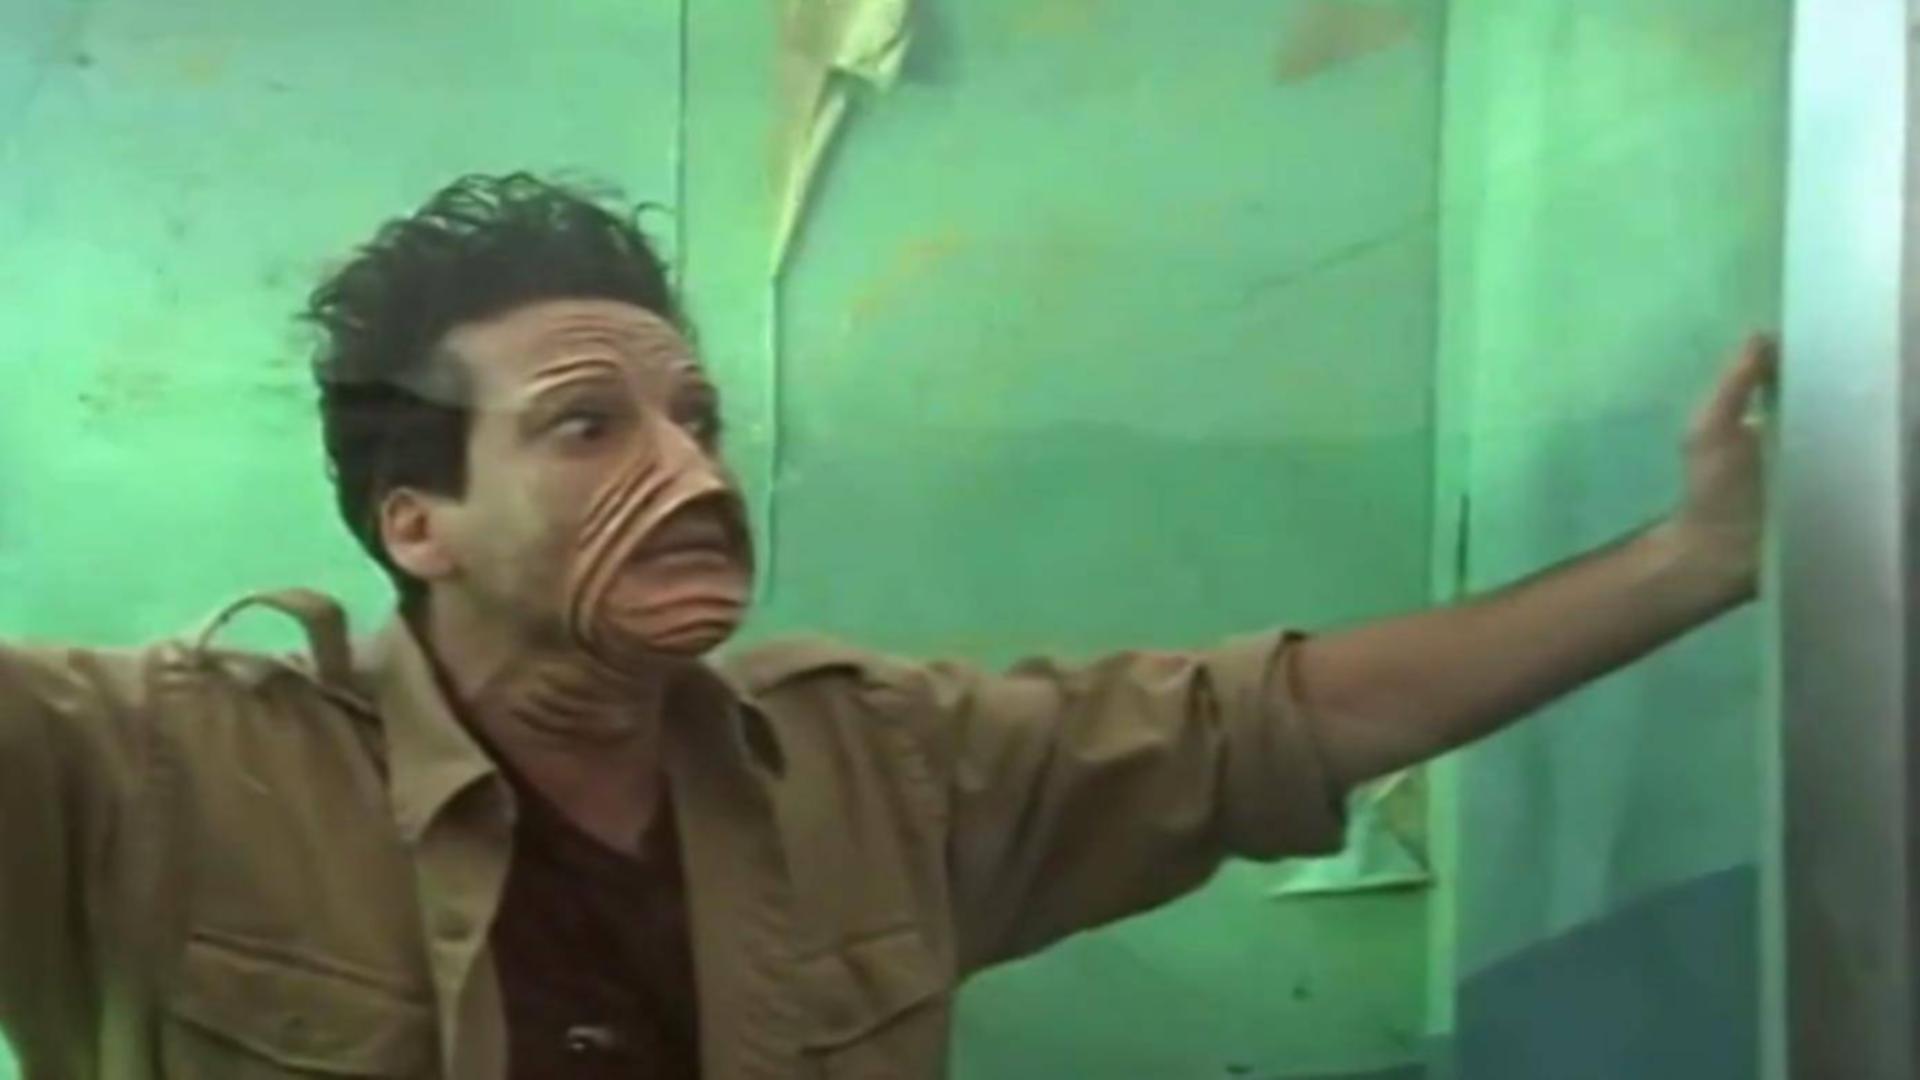 【好看】男子拿人体做实验,最终惨遭报复变成怪物,被囚禁水箱供人参观